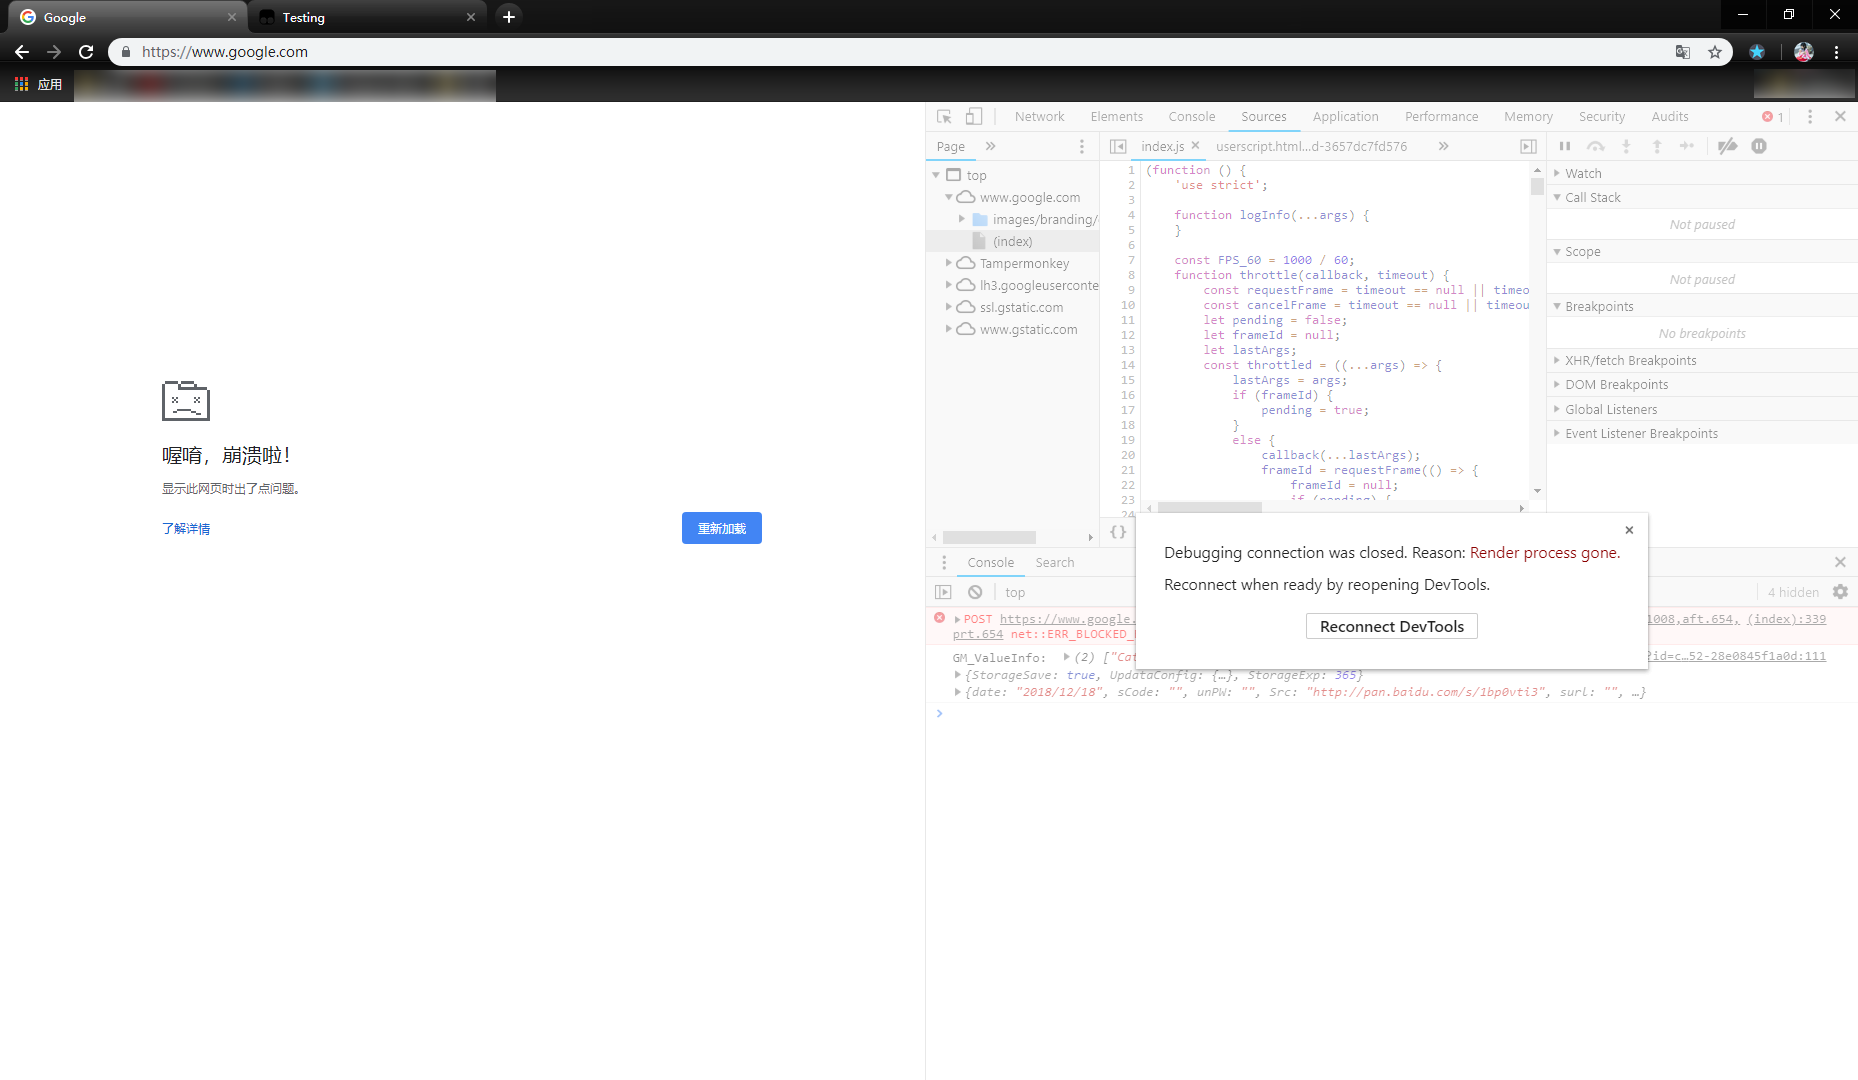 浏览器崩溃